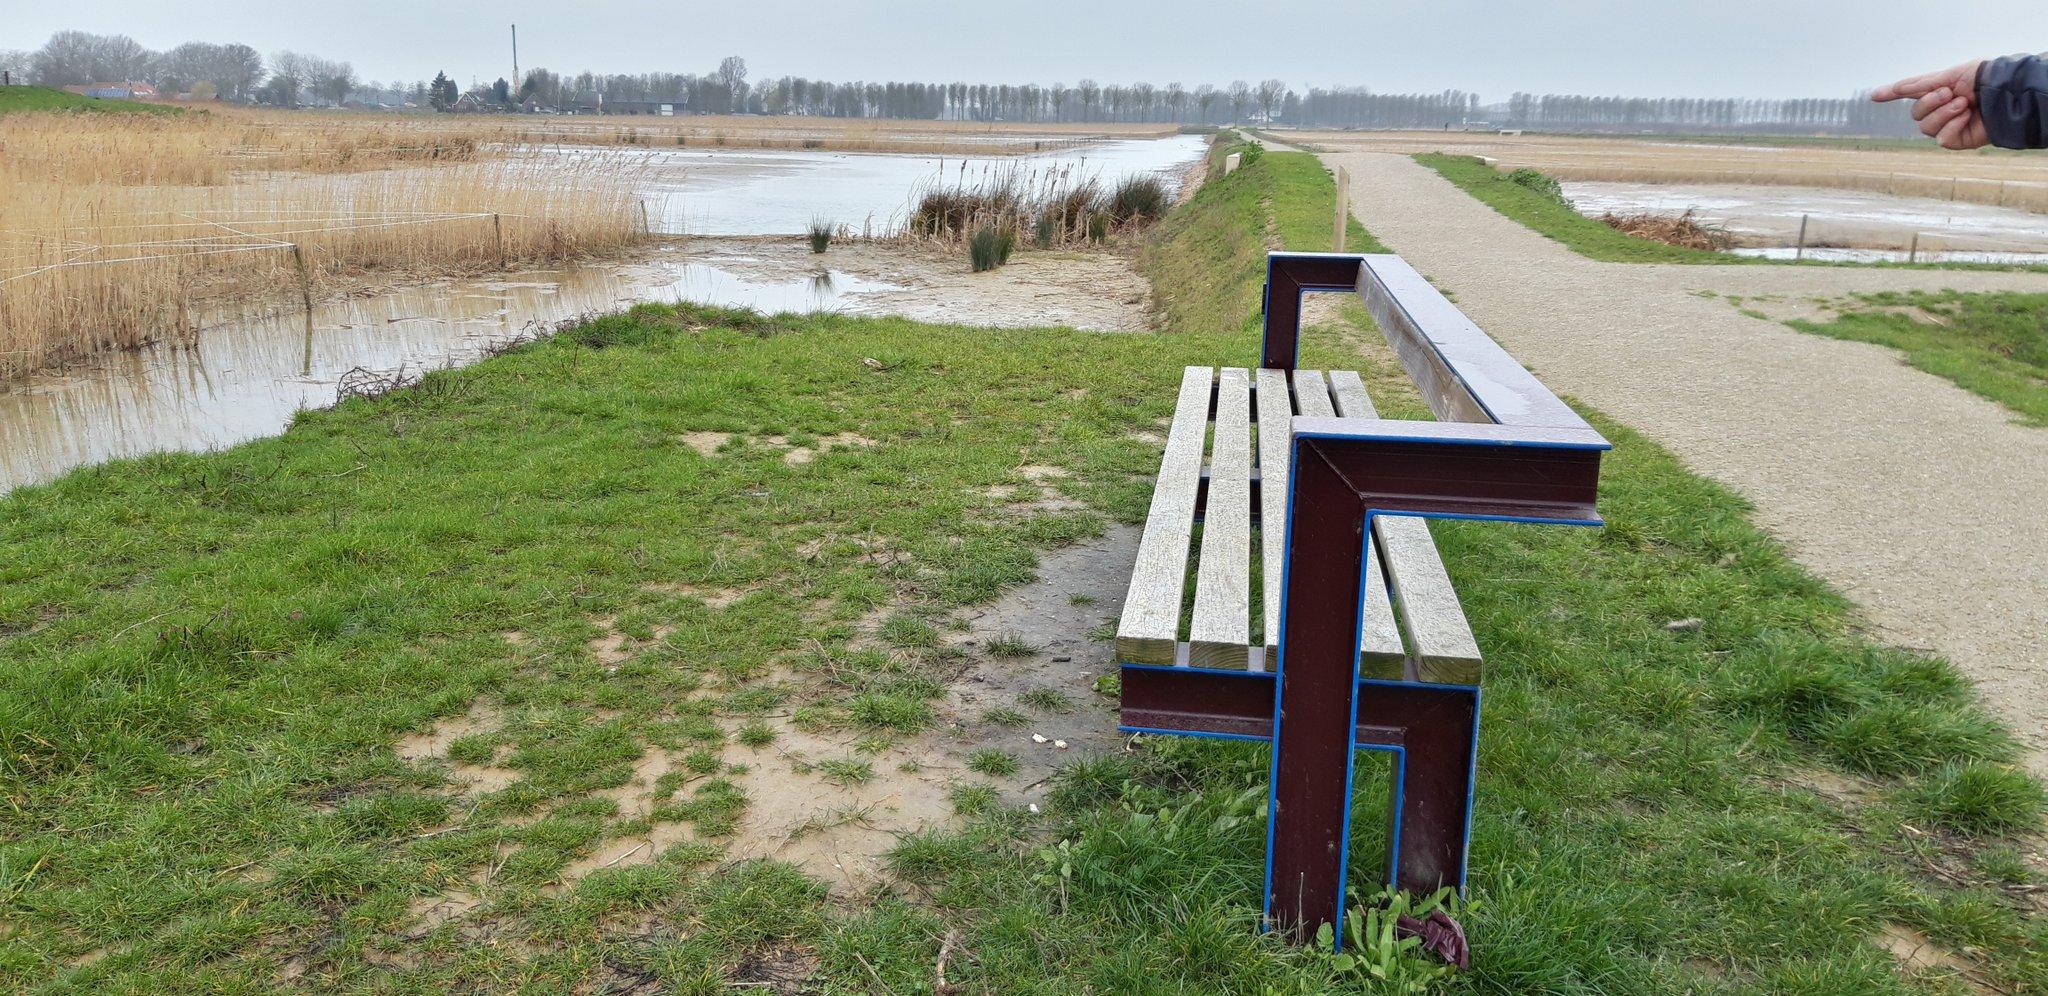 rt-karingibcus-ff-zitten-na-een-leuke-modderige-wandeling-parklingenzegen-derijkerswoerdseplassen-elst-wandelbankjes-https-t-co-dl6